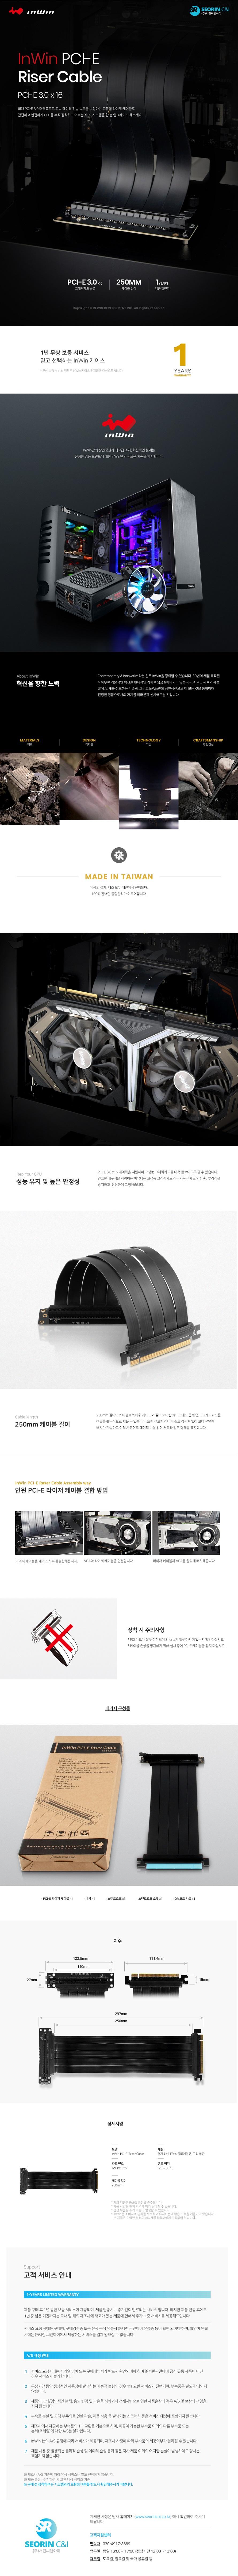 IN WIN  PCI-E Riser Cable